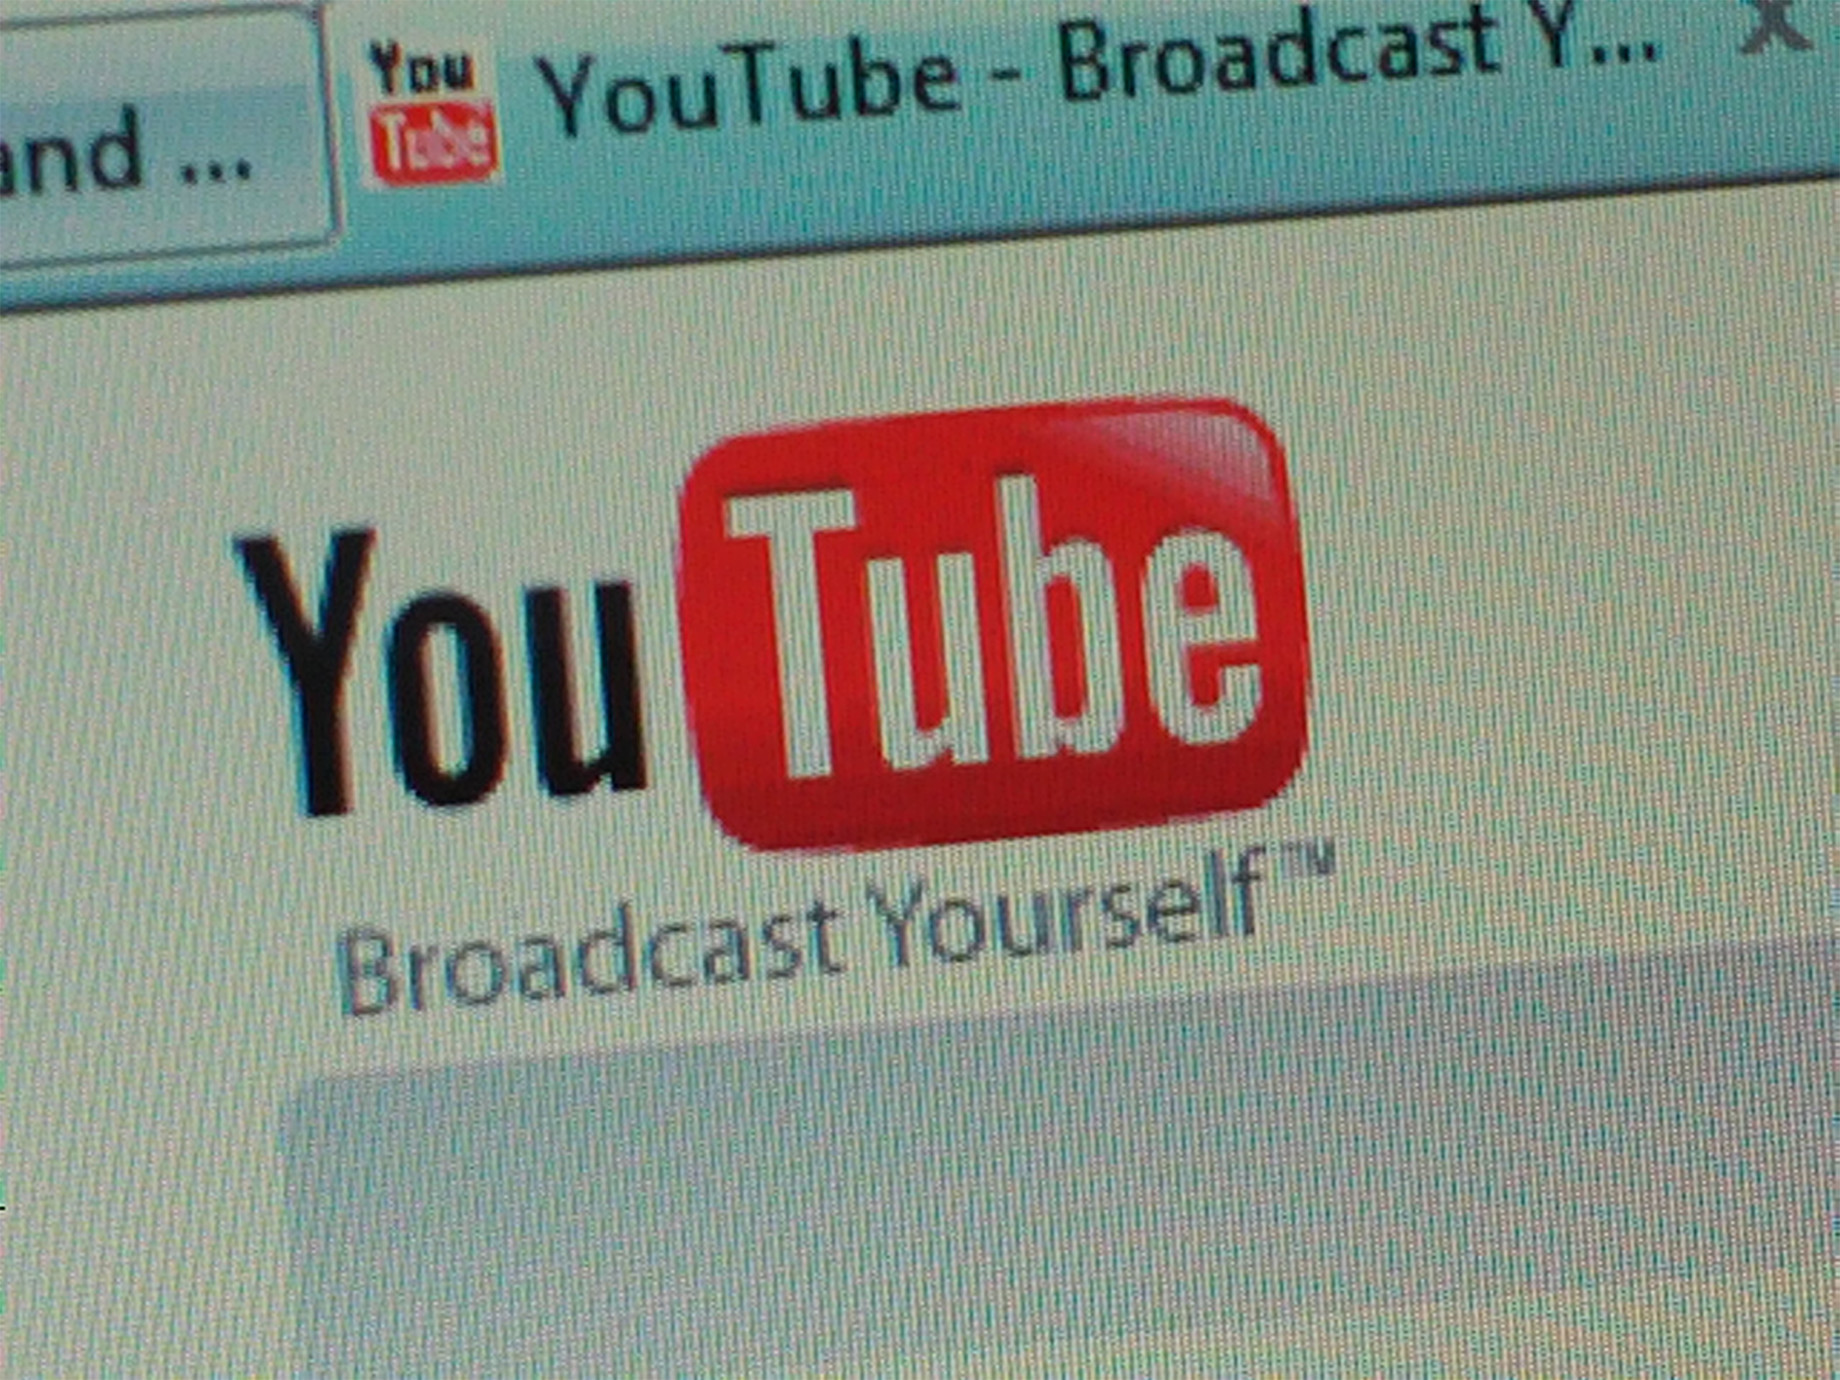 挽回廣告商的心,YouTube斥資上億美元做自製節目